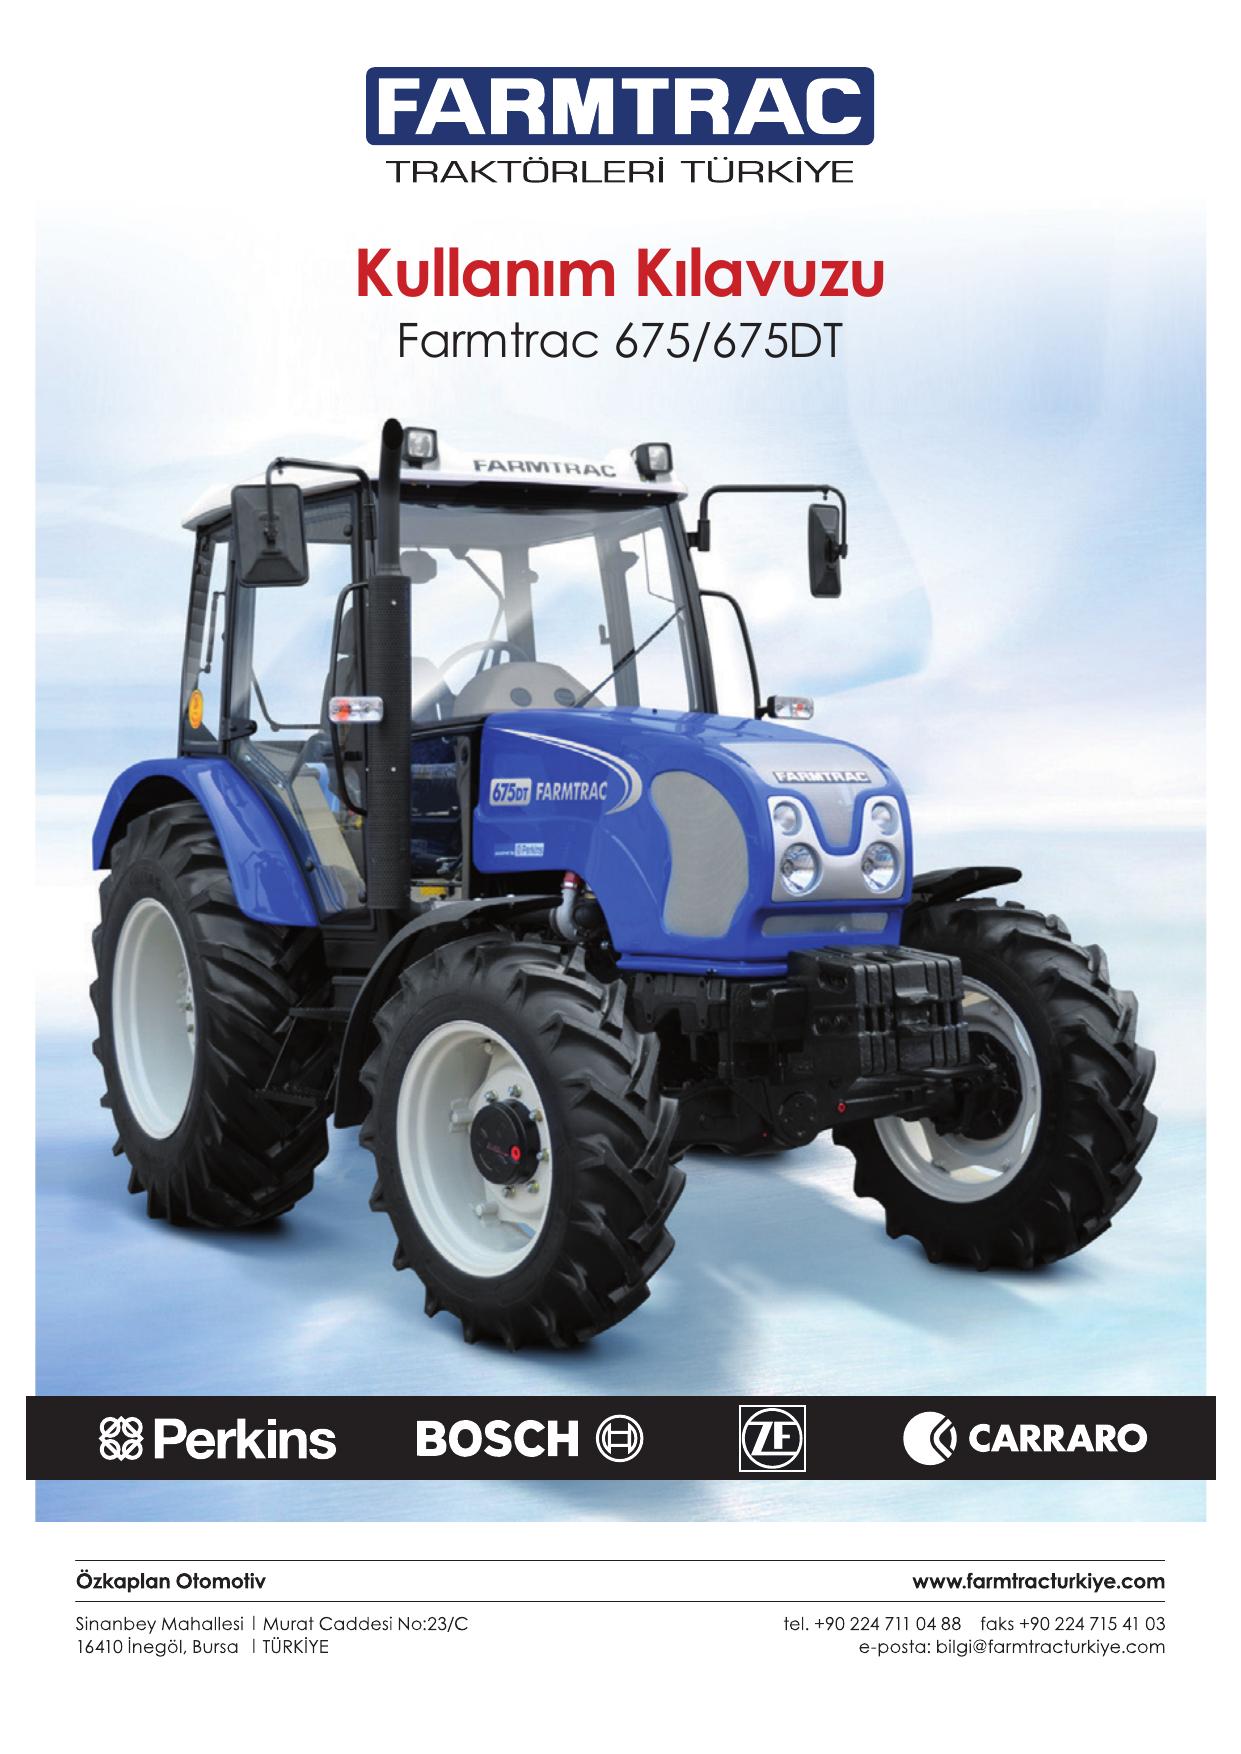 farmtrac tractors europe sp manualzz com Farmtrac Parts Manual